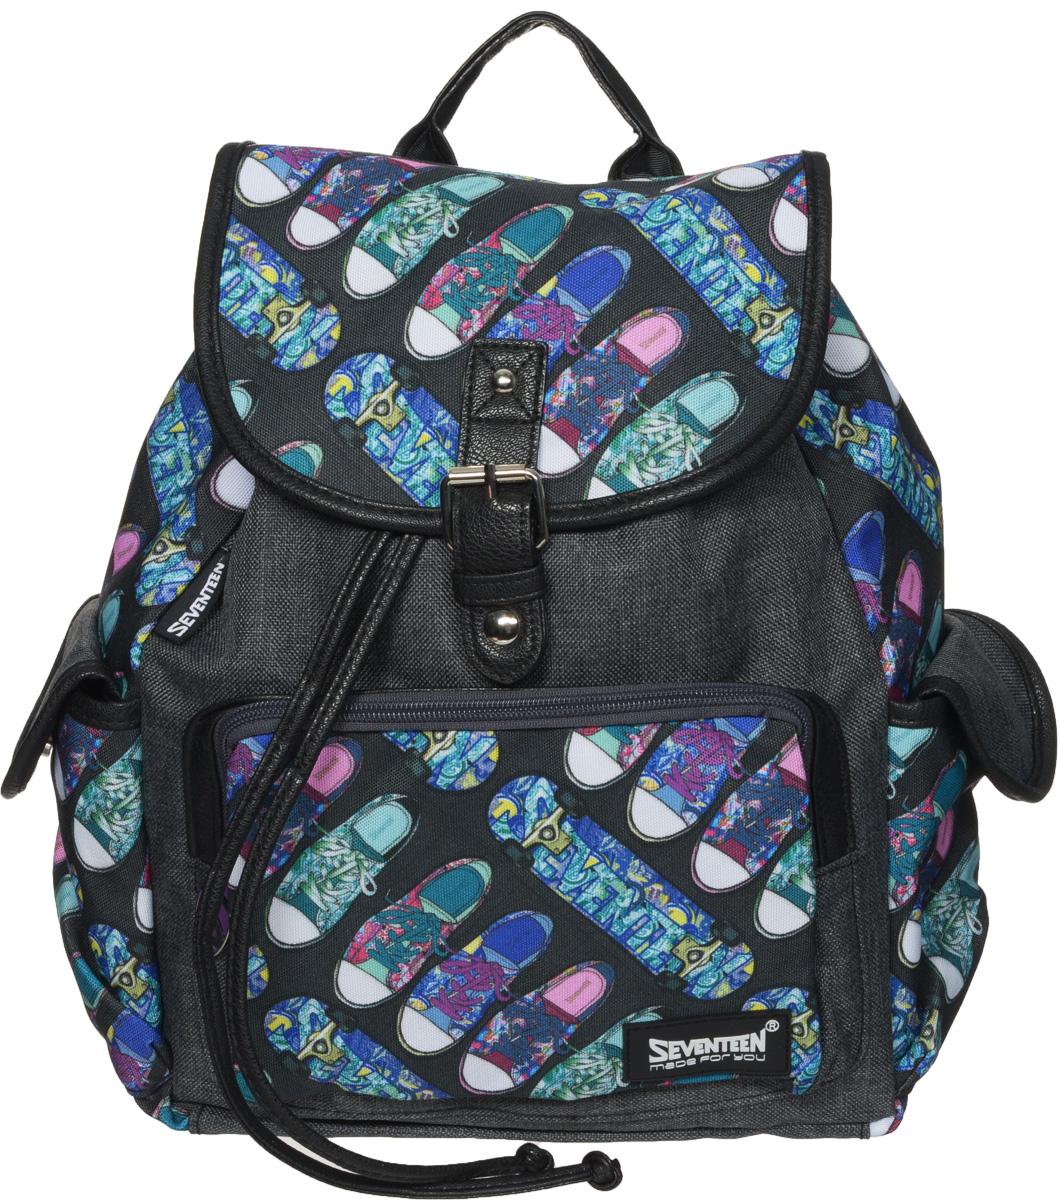 Seventeen Рюкзак детский цвет серыйSVCB-RT1-534Стильный детский рюкзак Seventeen сочетает в себе современный дизайн, функциональность и долговечность. Рюкзак состоит из вместительного отделения, которое стягивается кожаным шнурком, а сверху дополнительно закрывается небольшим клапаном на магнитную кнопку с декоративным элементом в виде пряжки. Внутри отделения расположены: прорезной карман на застежке-молнии и два открытых небольших кармашка. Лицевая сторона рюкзака оснащена накладным карманом, закрывающимся на молнию. По бокам изделия находятся два кармана, закрывающиеся клапанами на магнитные кнопки. Лямки рюкзака регулируются по длине. У рюкзака имеется кожаная ручка для переноски в руке. Этот рюкзак можно использовать для повседневных прогулок, отдыха и спорта, а также как элемент вашего имиджа.